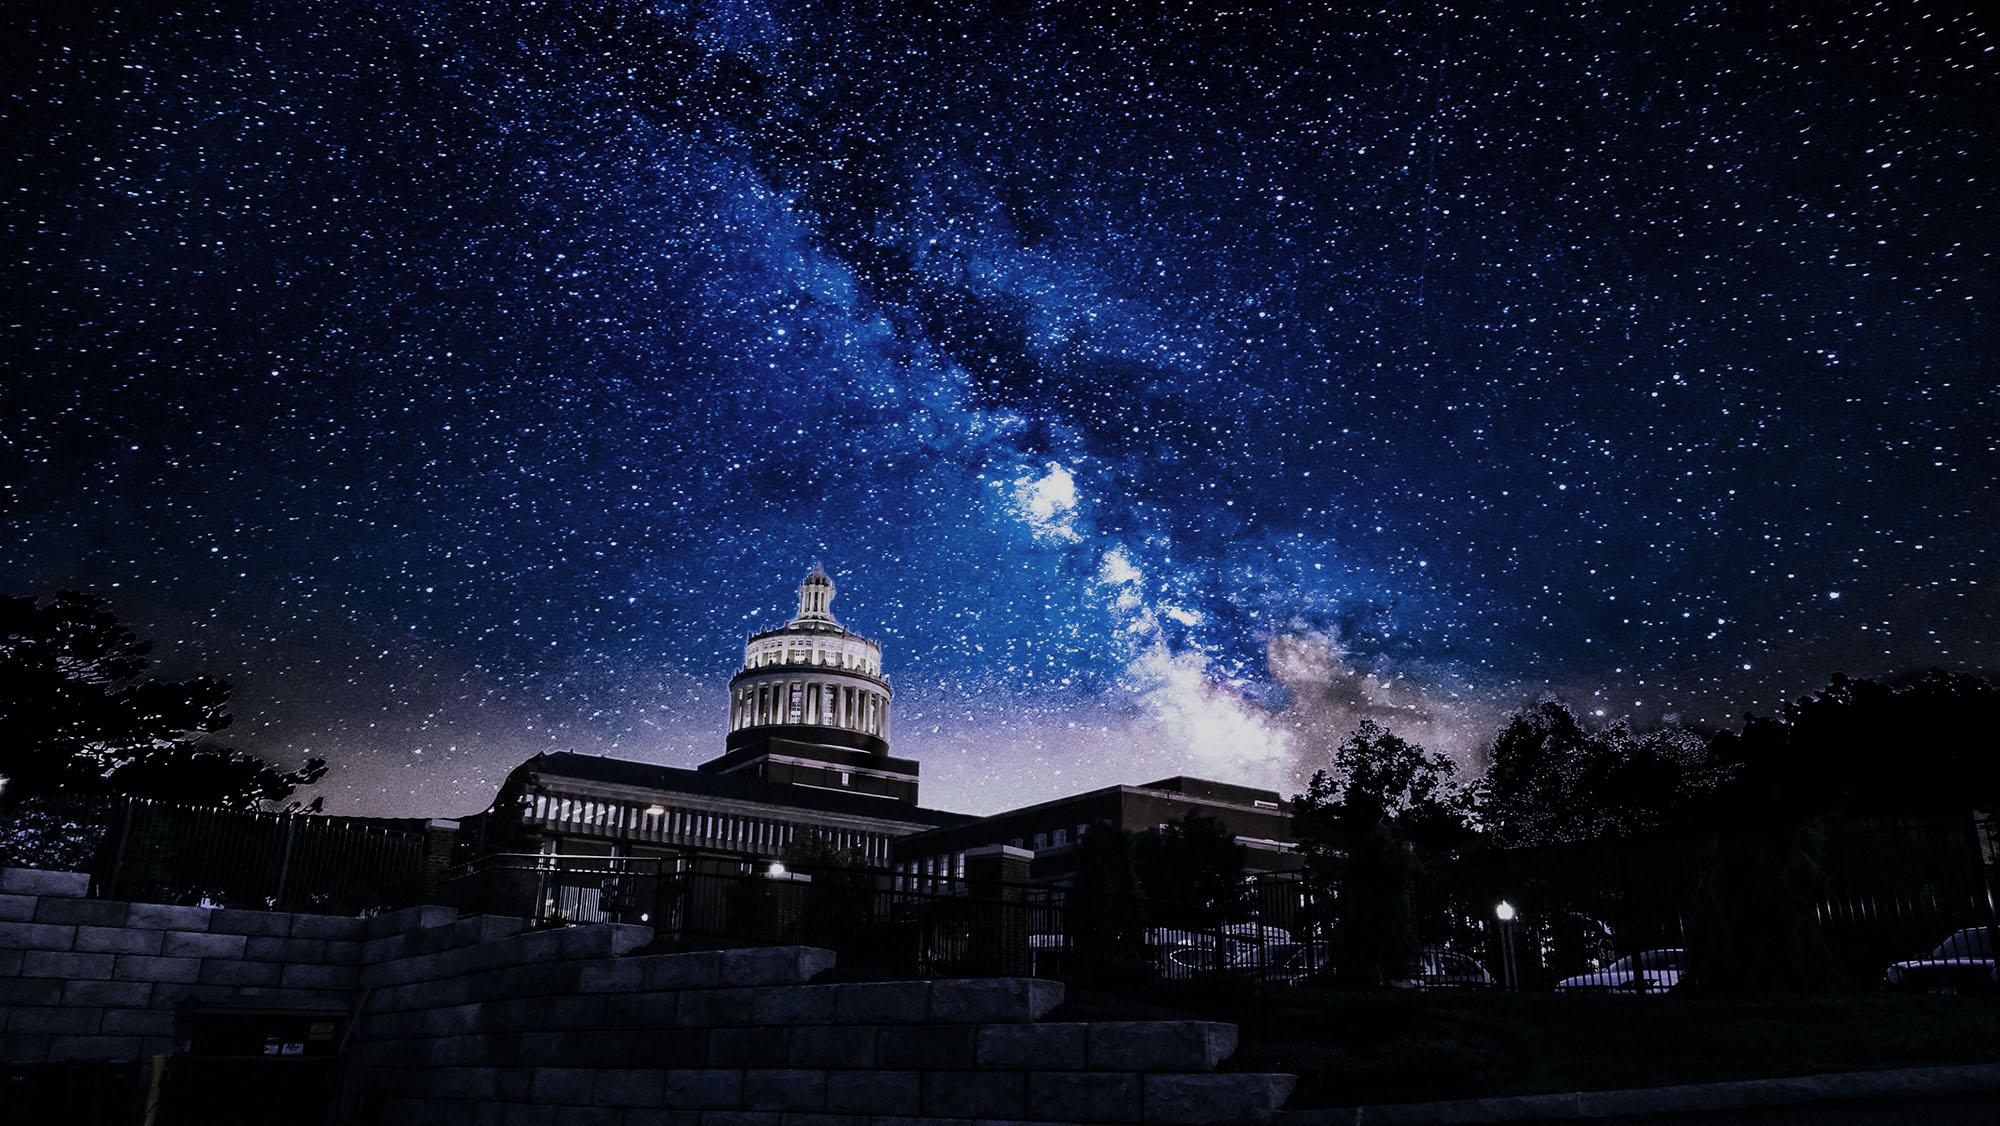 ab05b936e176 Там найдешь лучшее время наблюдения для каждого метеорного потока с учетом  фазы луны и радианта (место на звездном небе, которое выглядит источником  ...